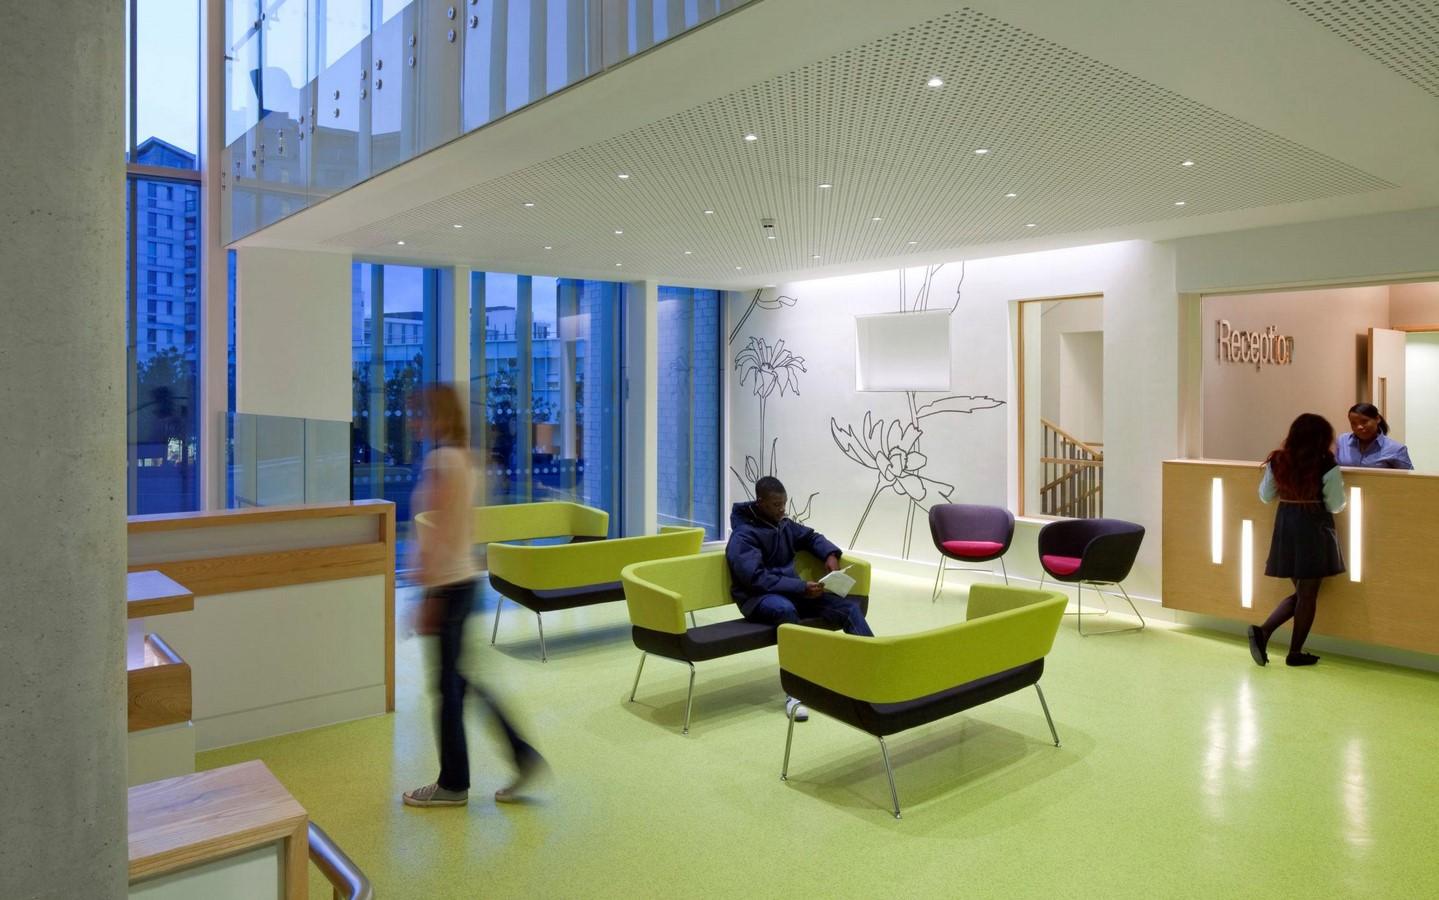 Sir Ludwig Guttmann Health & Wellbeing Centre, UK - Sheet2